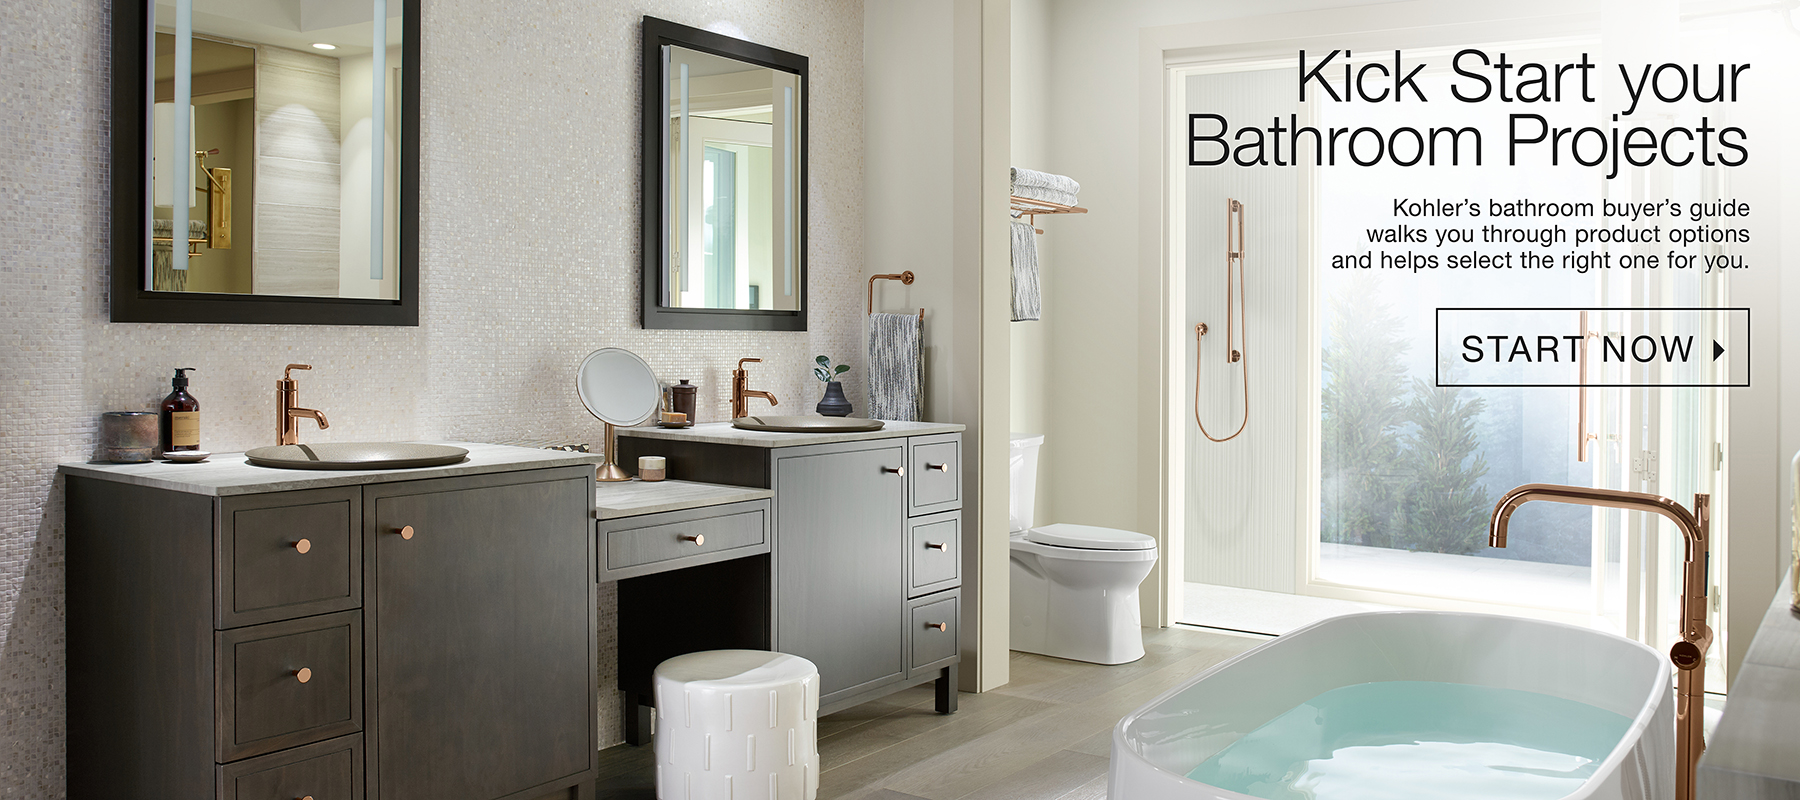 kohler kitchen & bathroom products at weinstein's bath & kitchen